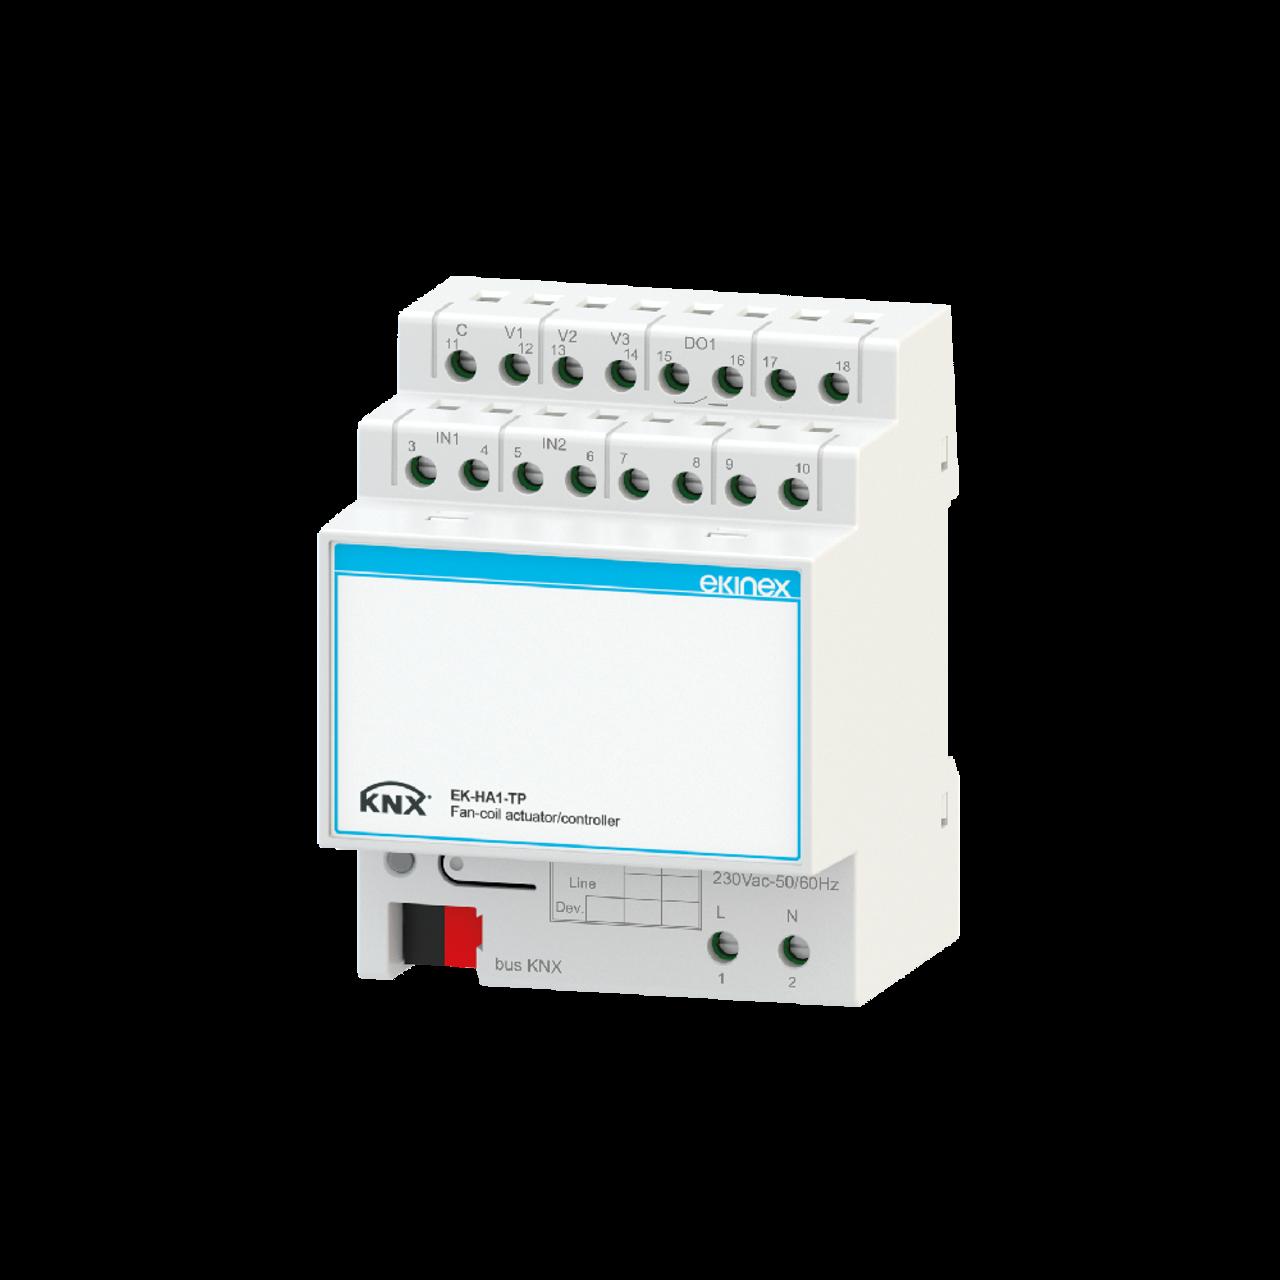 Fancoil actuator / controller - 3-speed fan control